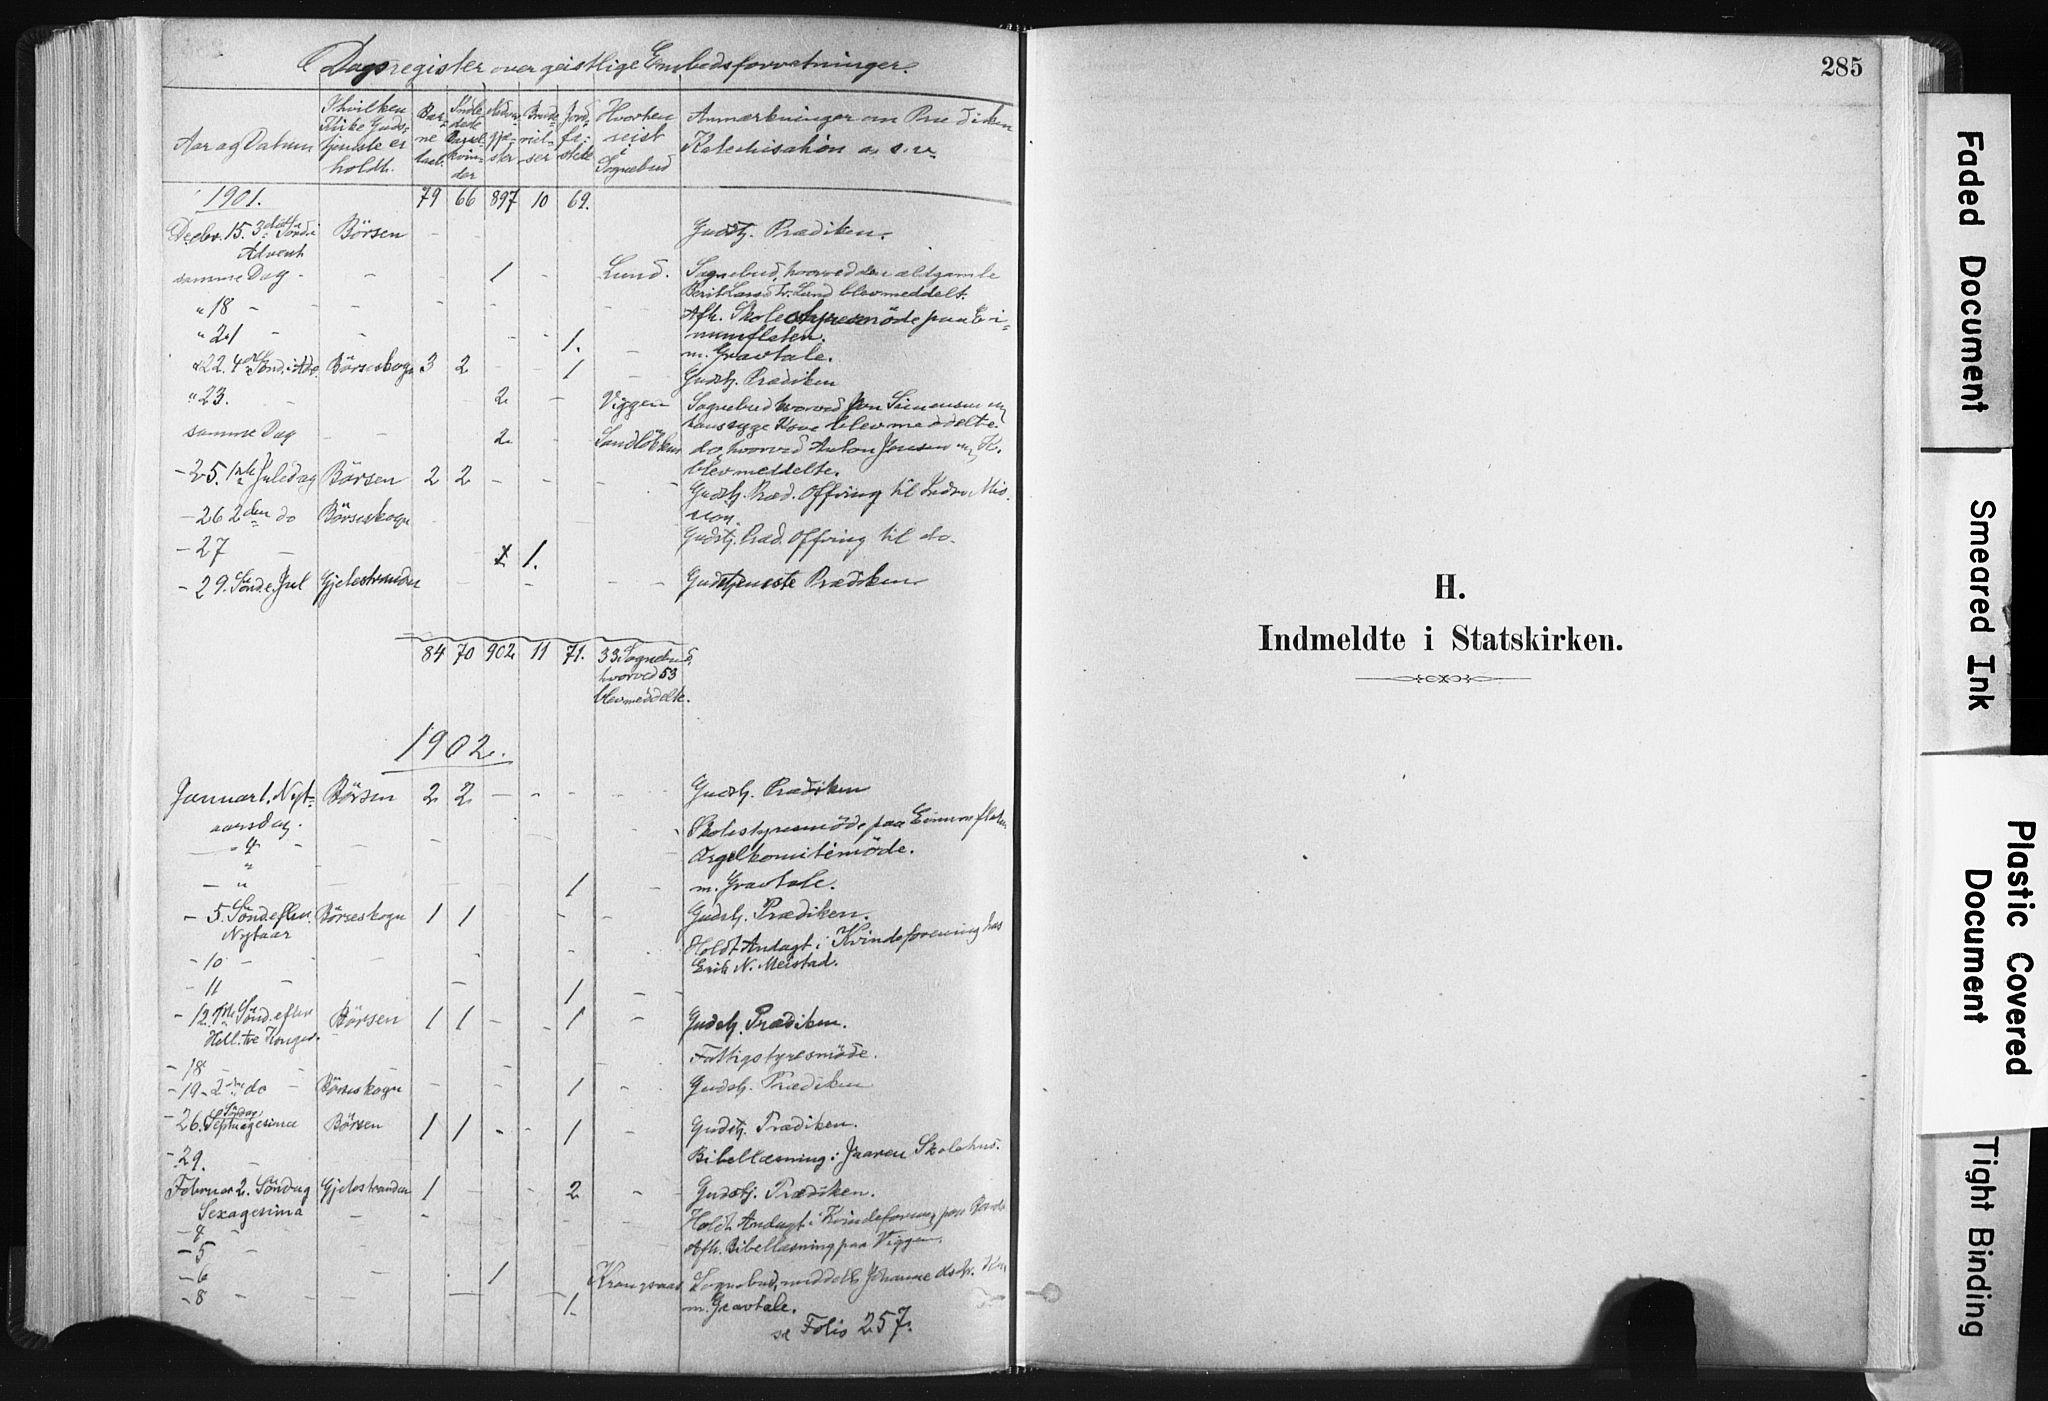 SAT, Ministerialprotokoller, klokkerbøker og fødselsregistre - Sør-Trøndelag, 665/L0773: Ministerialbok nr. 665A08, 1879-1905, s. 285